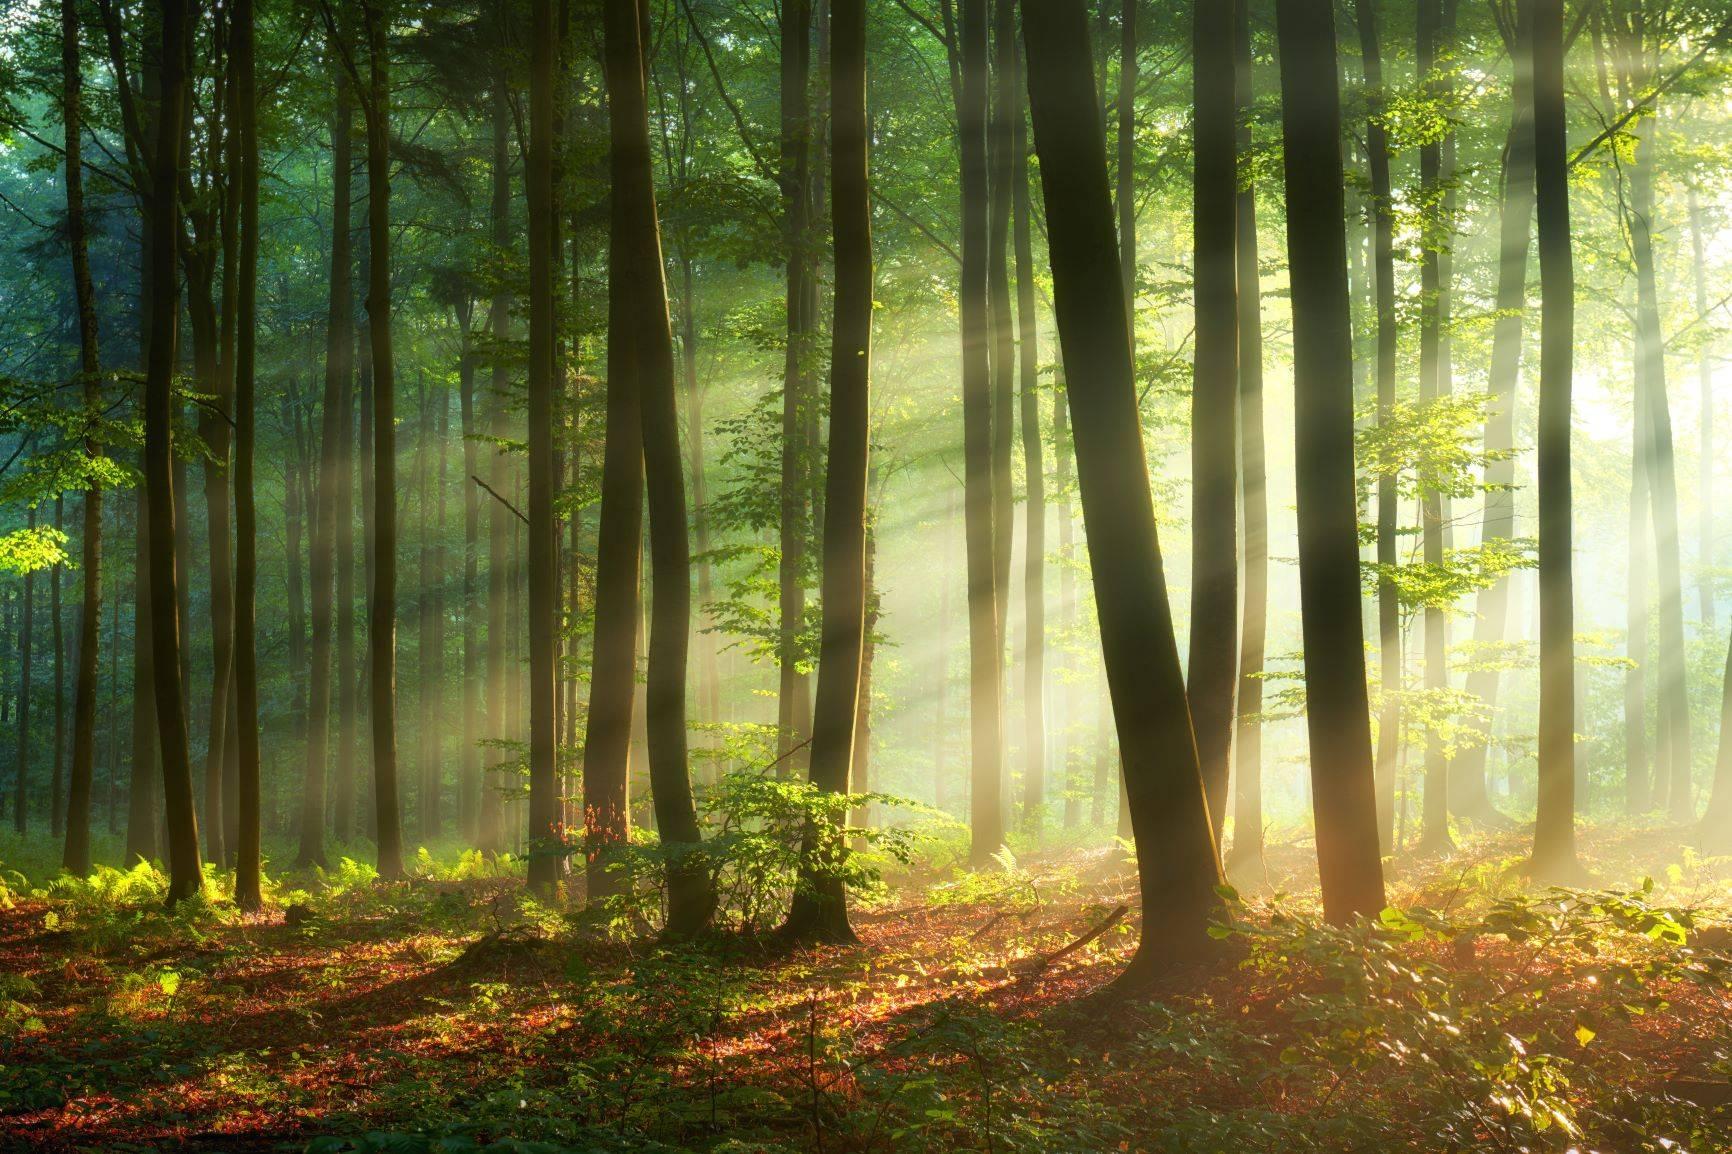 Leśna kąpiel, czyli jak wygląda sylwoterapia?